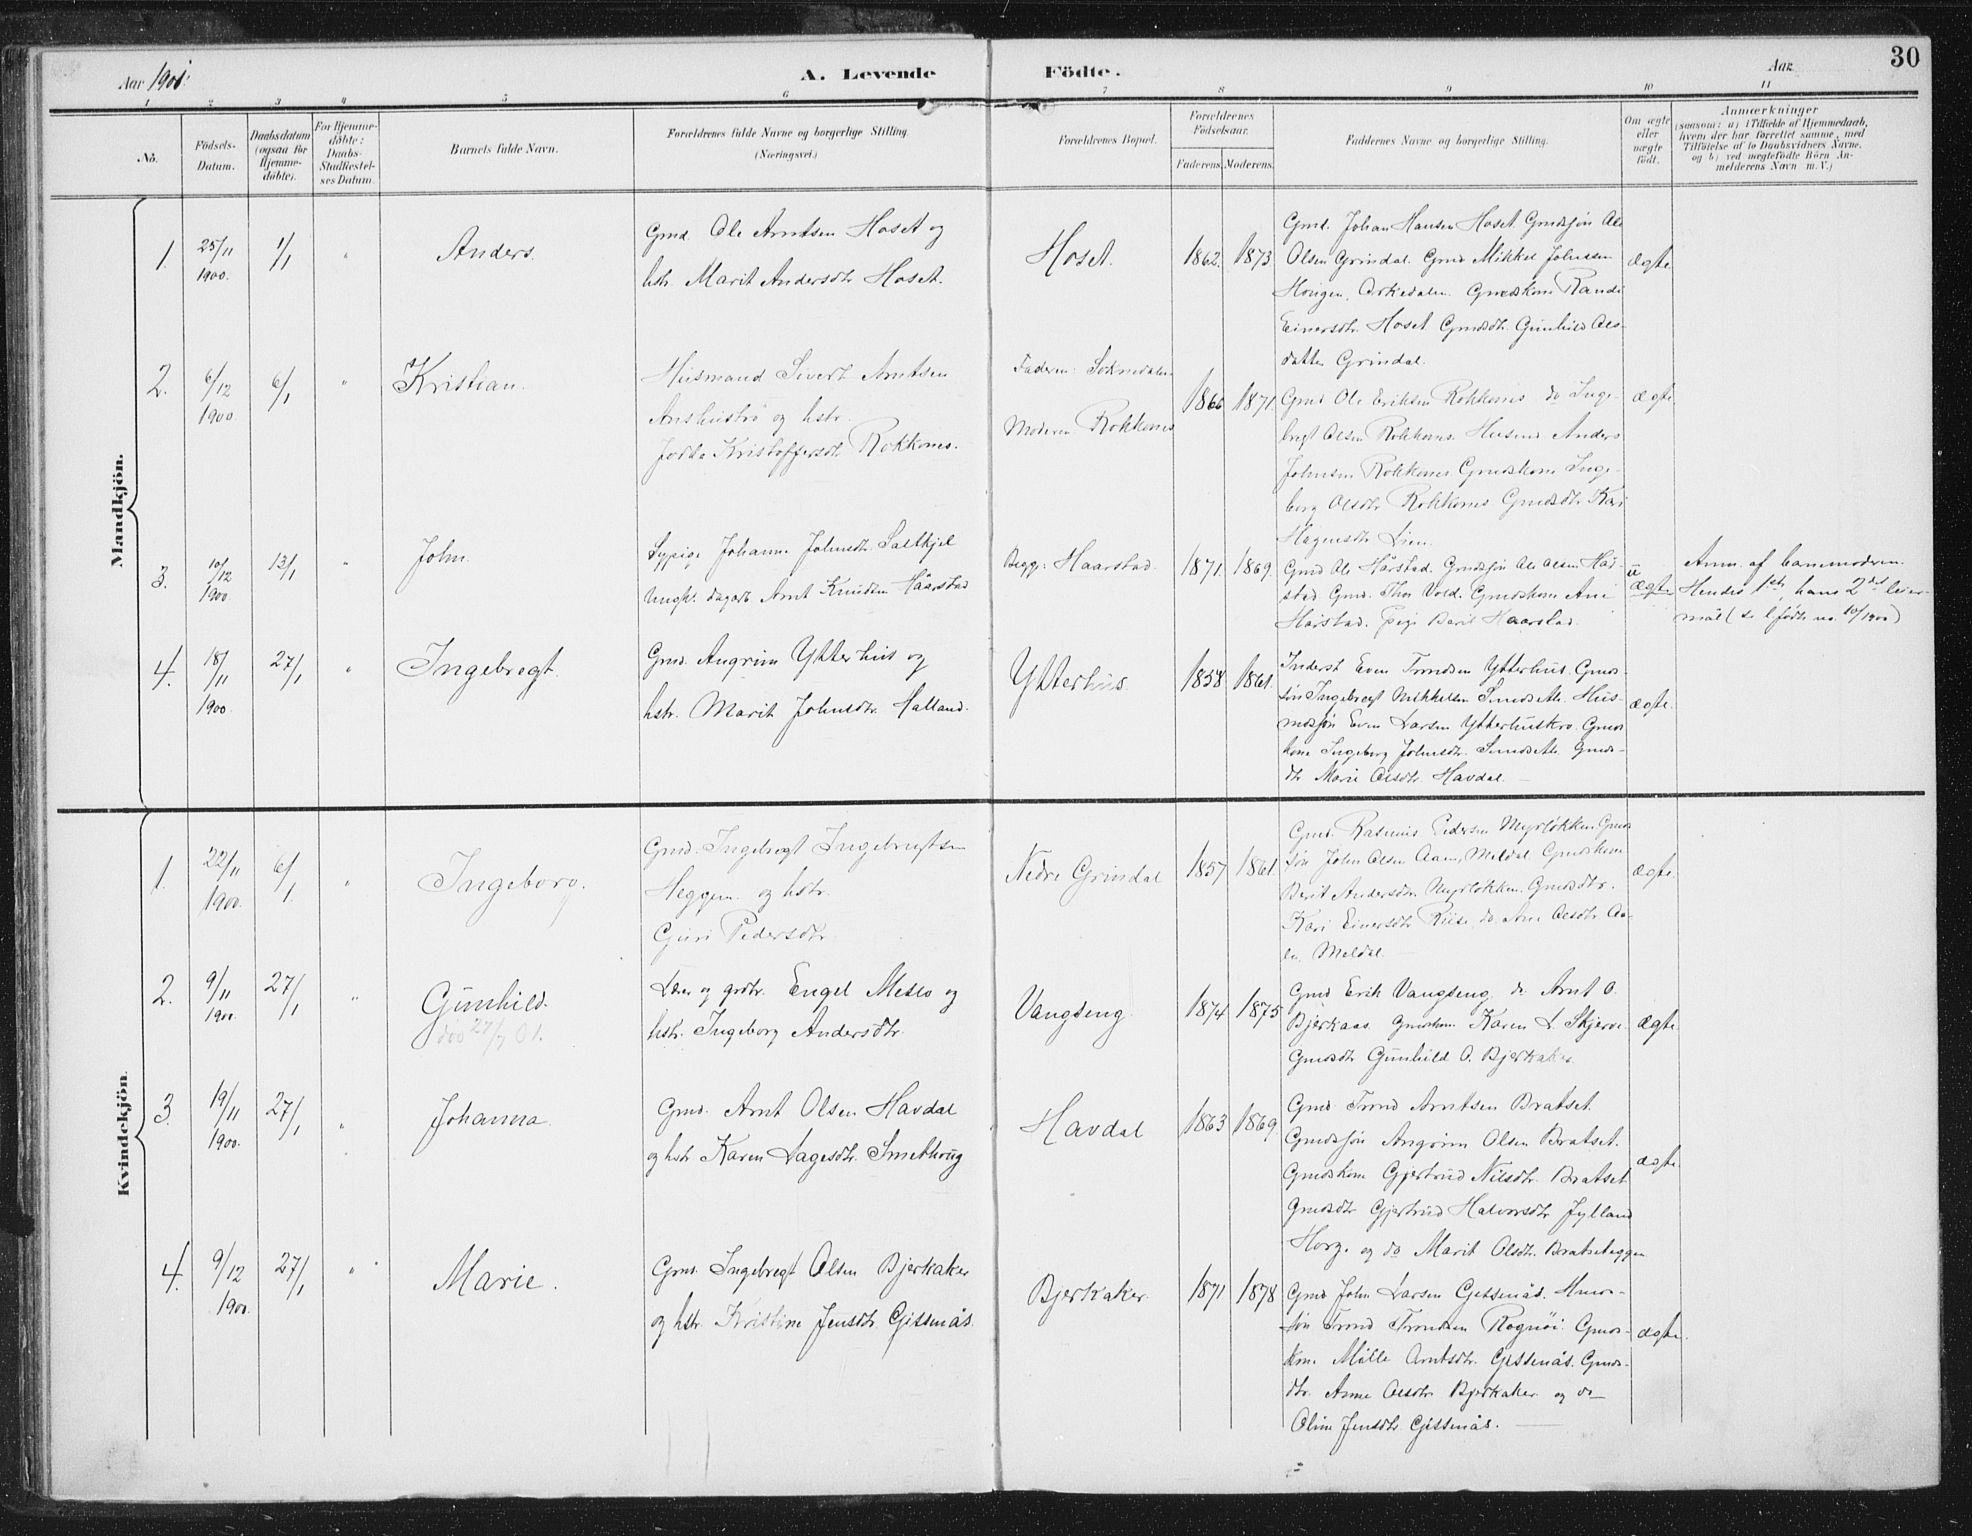 SAT, Ministerialprotokoller, klokkerbøker og fødselsregistre - Sør-Trøndelag, 674/L0872: Ministerialbok nr. 674A04, 1897-1907, s. 30